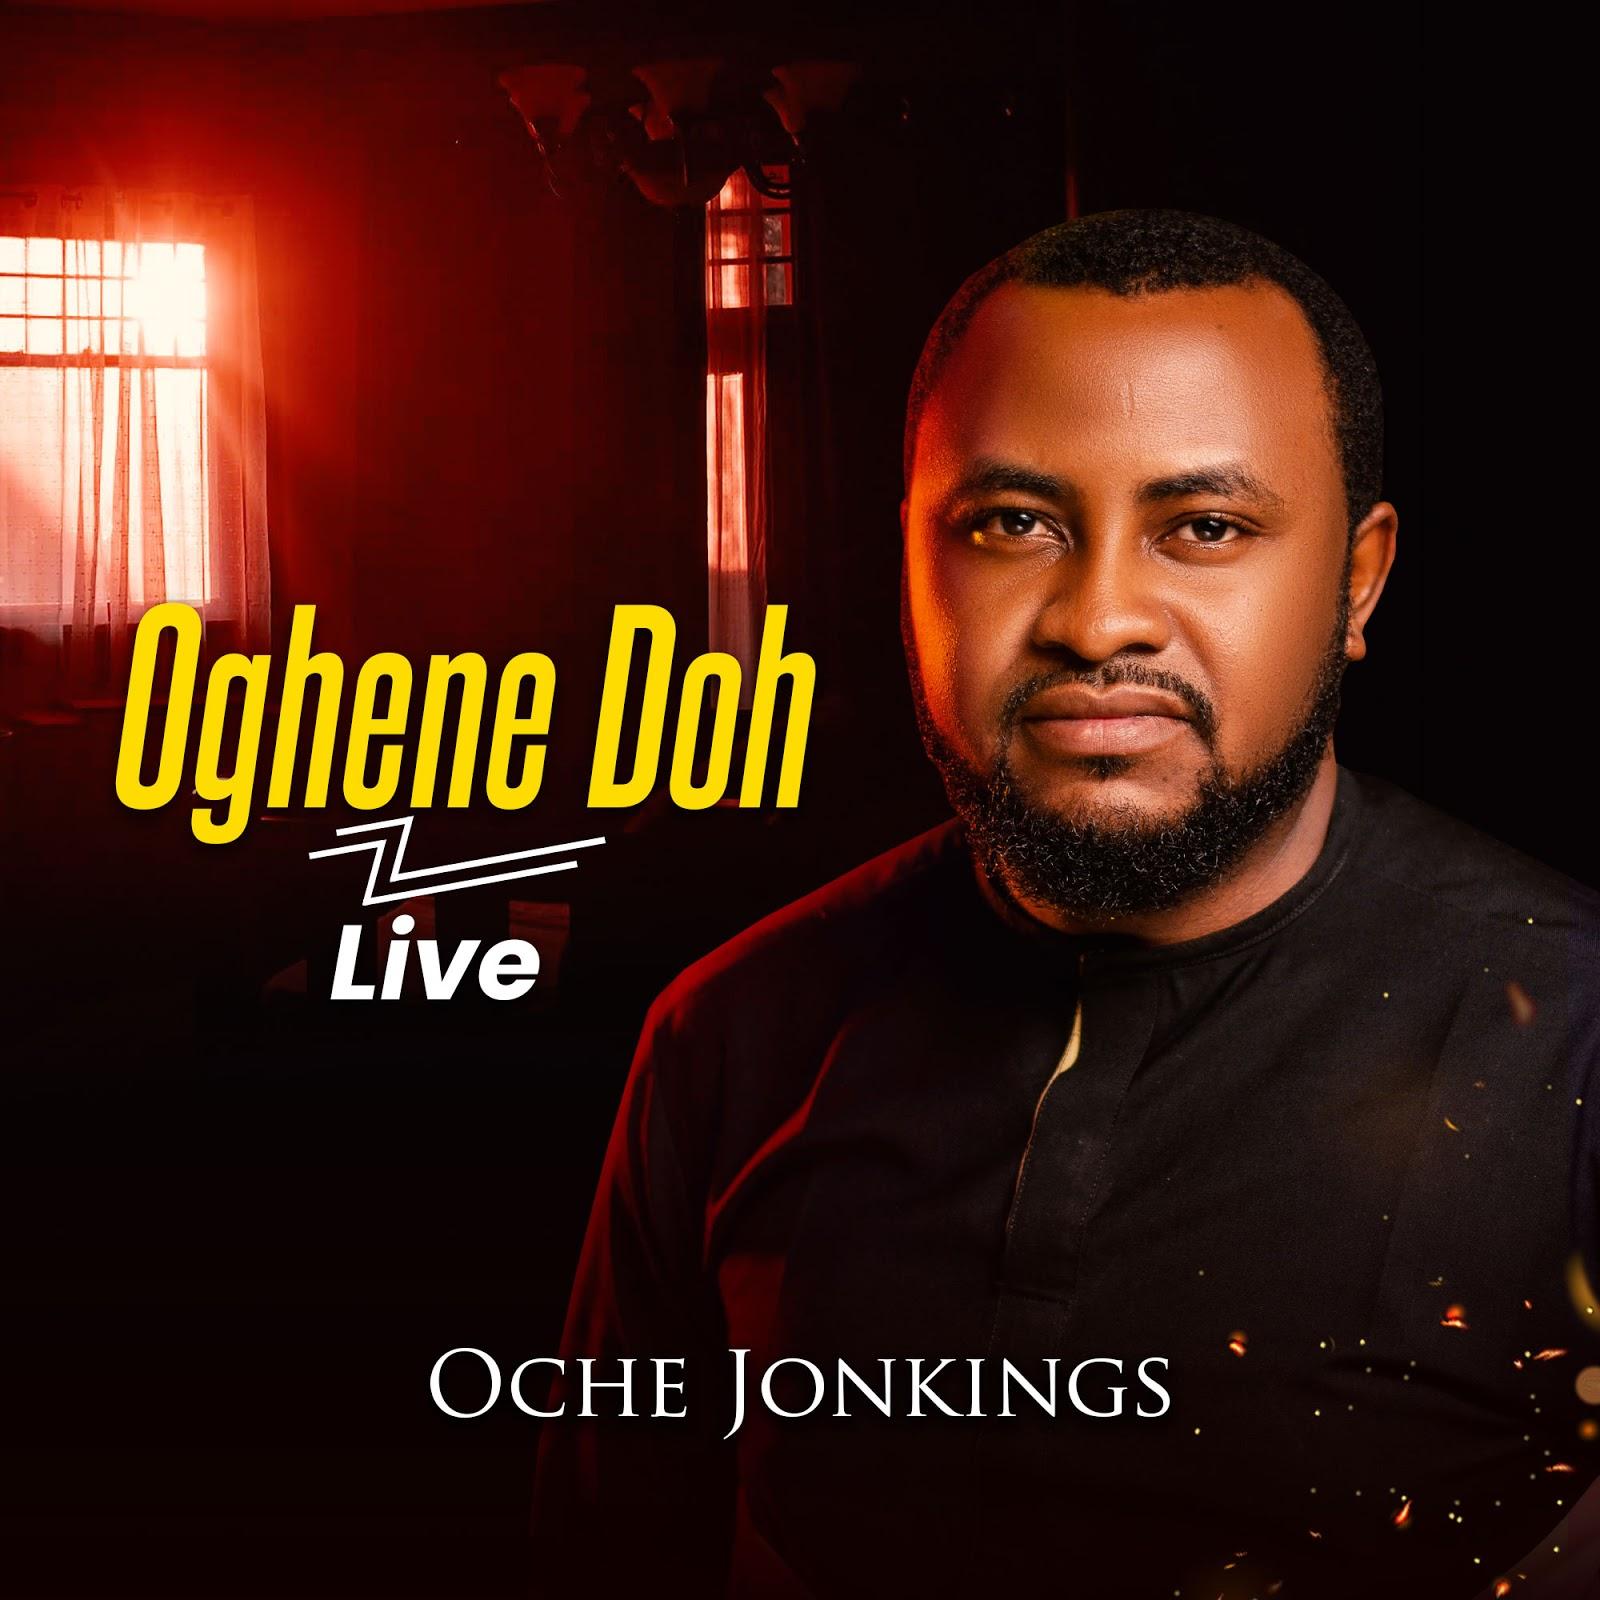 Oche Jonkings - Oghene Doh (Live)